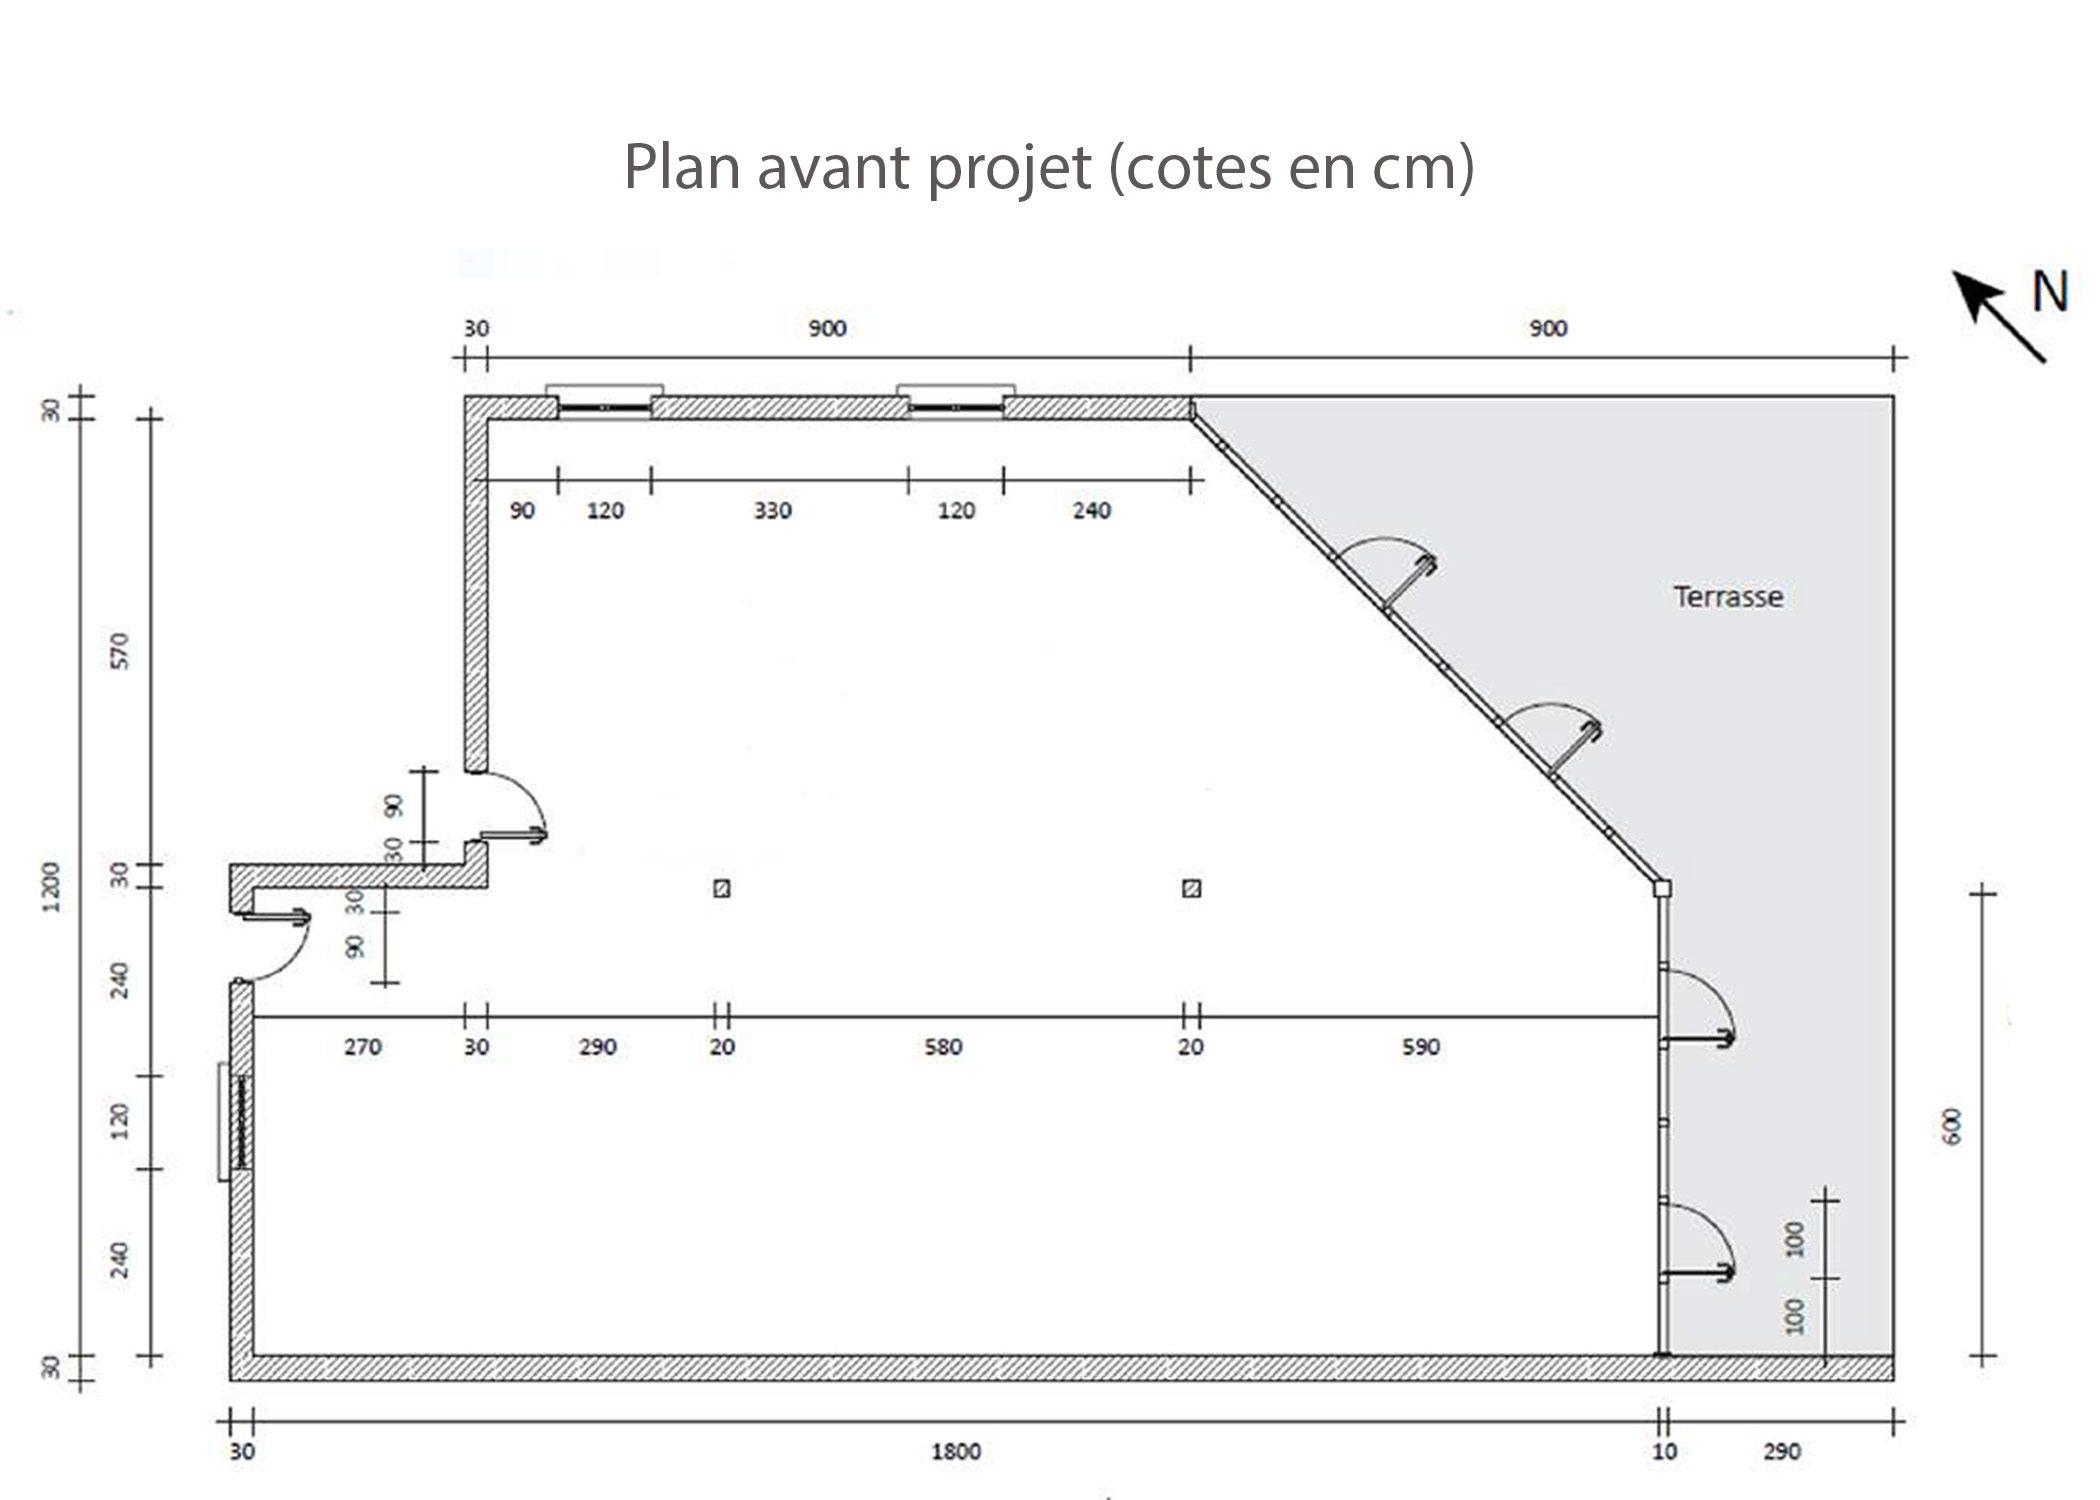 amenagement-decoration-start-up vente en ligne-region parisienne-plan avant projet-dekho design